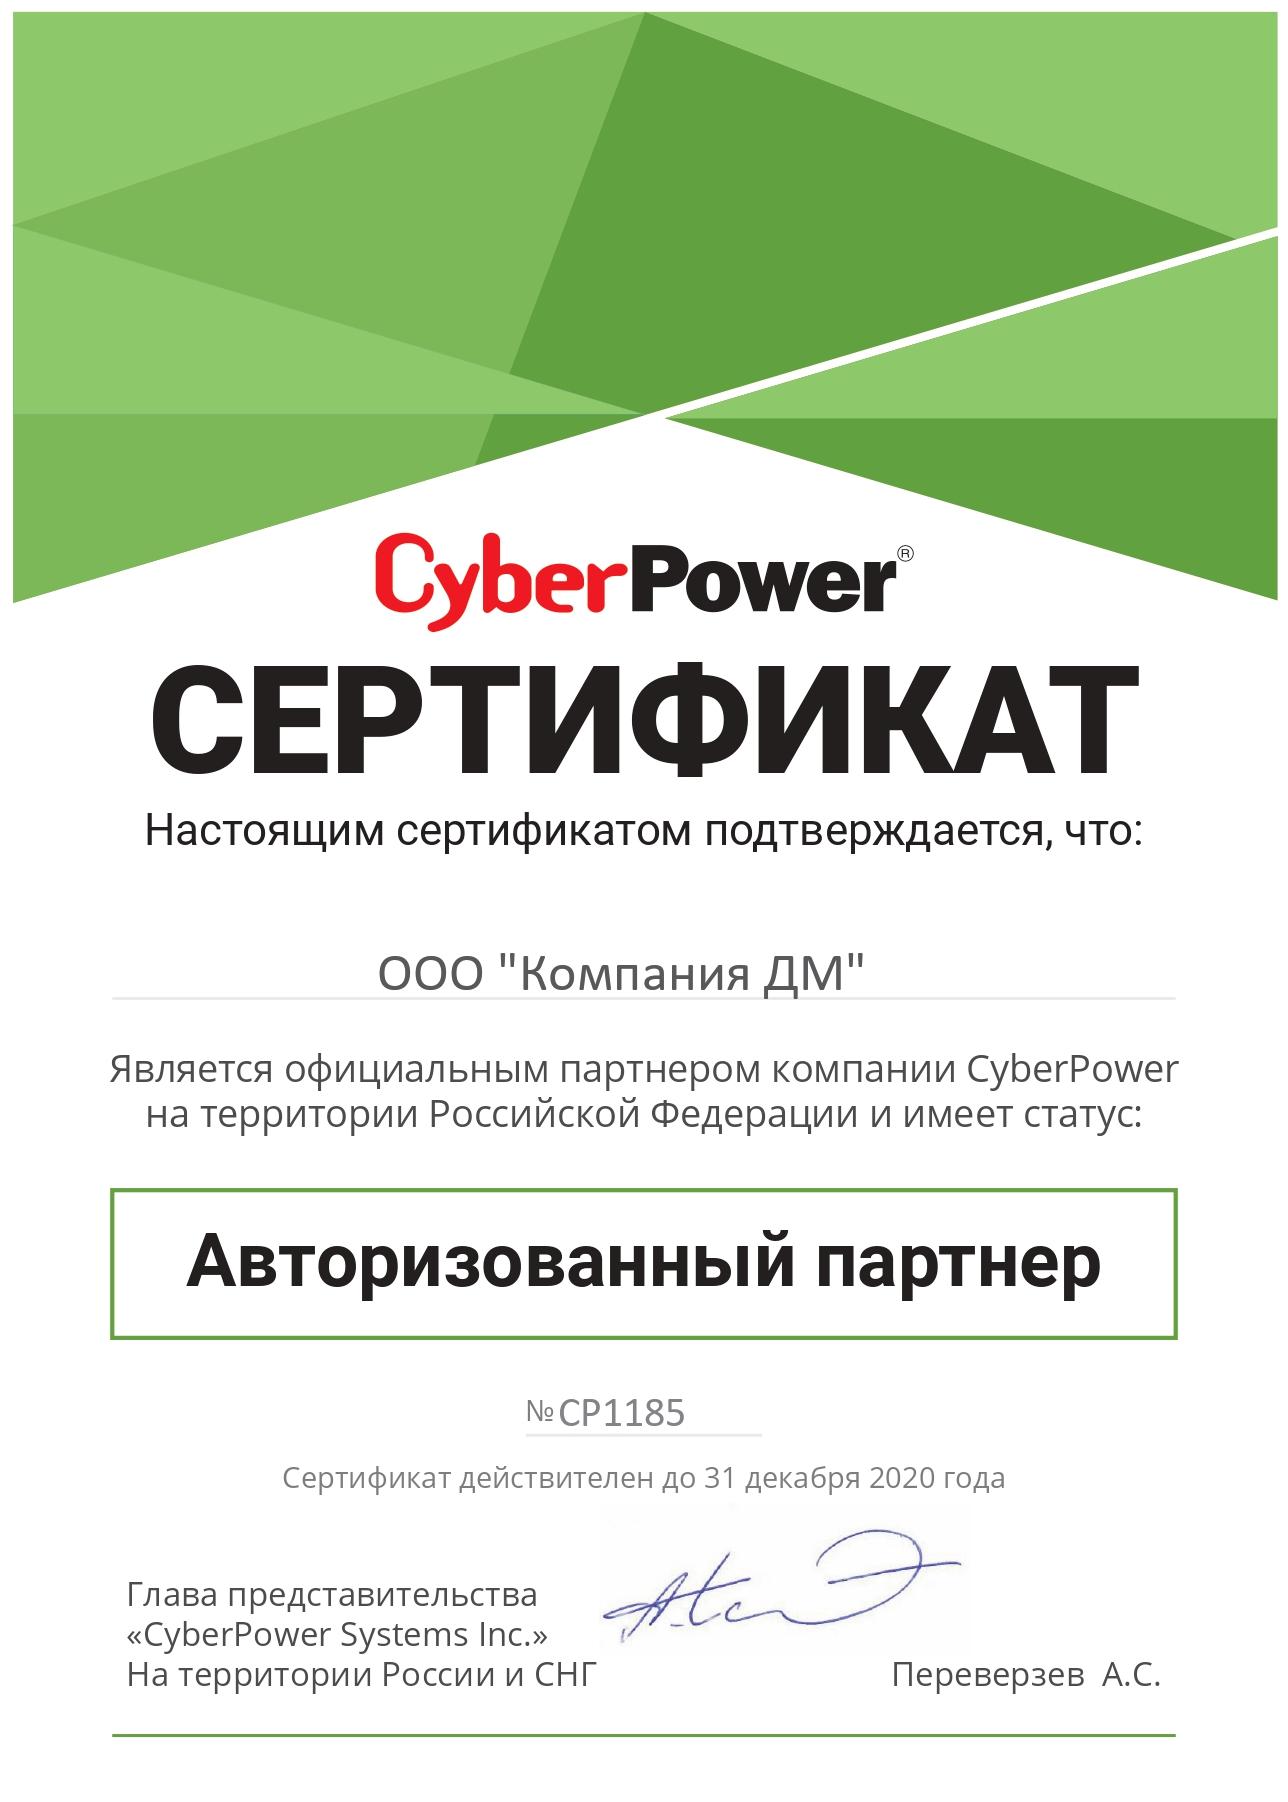 CyberPower сертификат авторизованного партнера